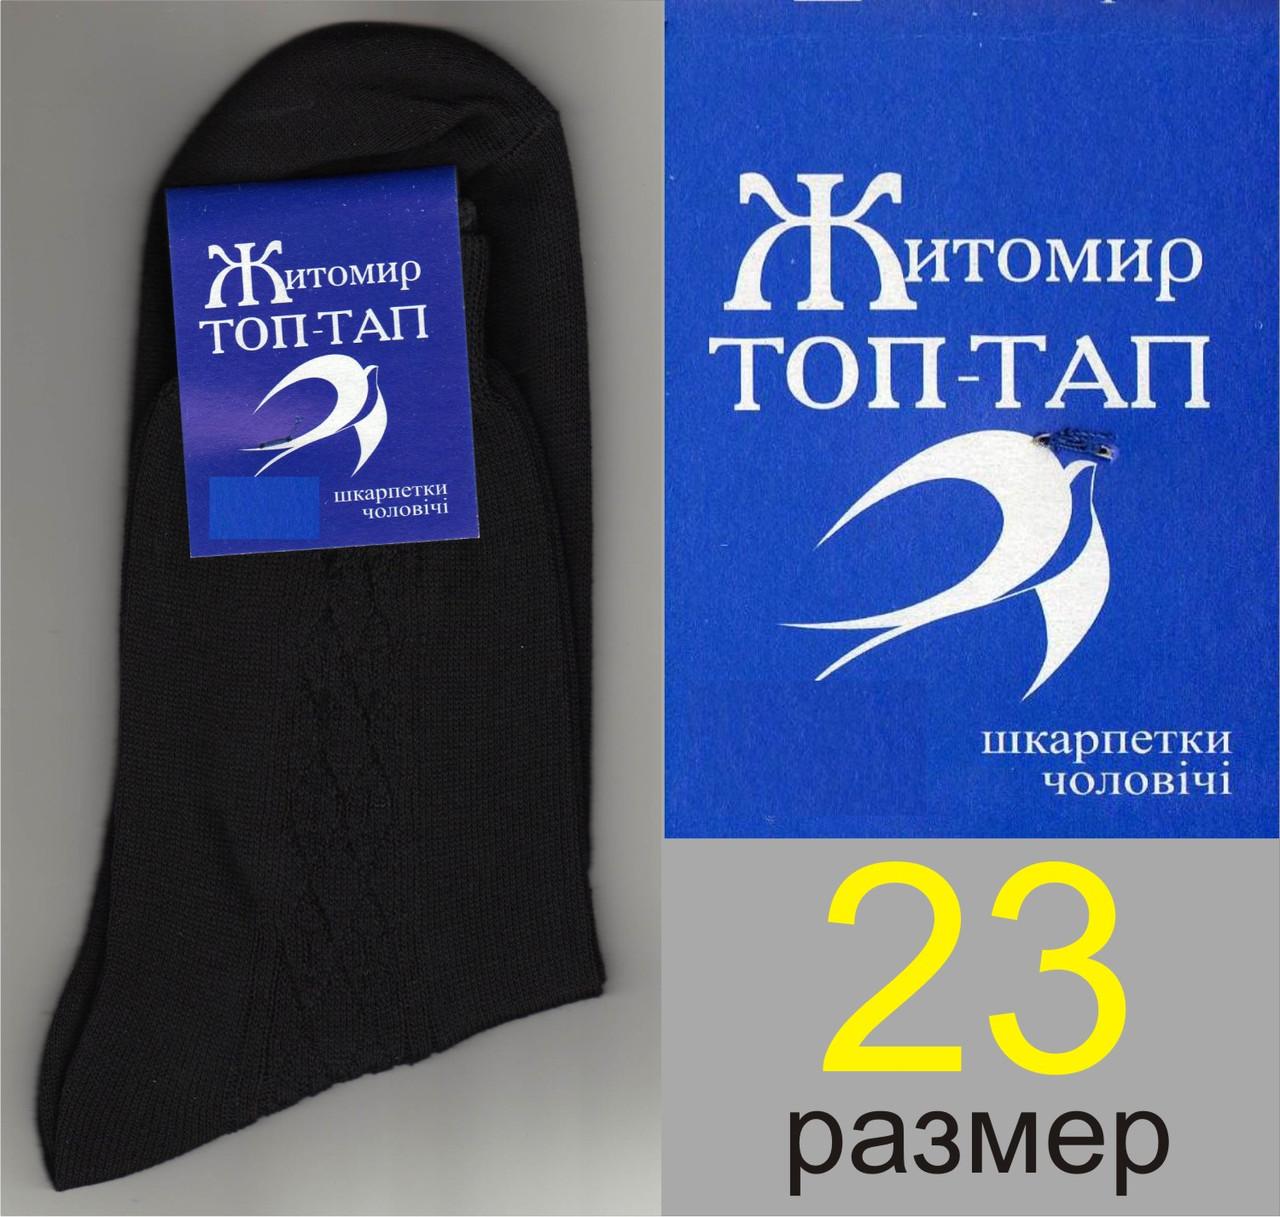 """Носки мужские демисезонные х/б, боковой узор """"Топ-Тап"""", г. Житомир черный 23 размер НМД-0555"""